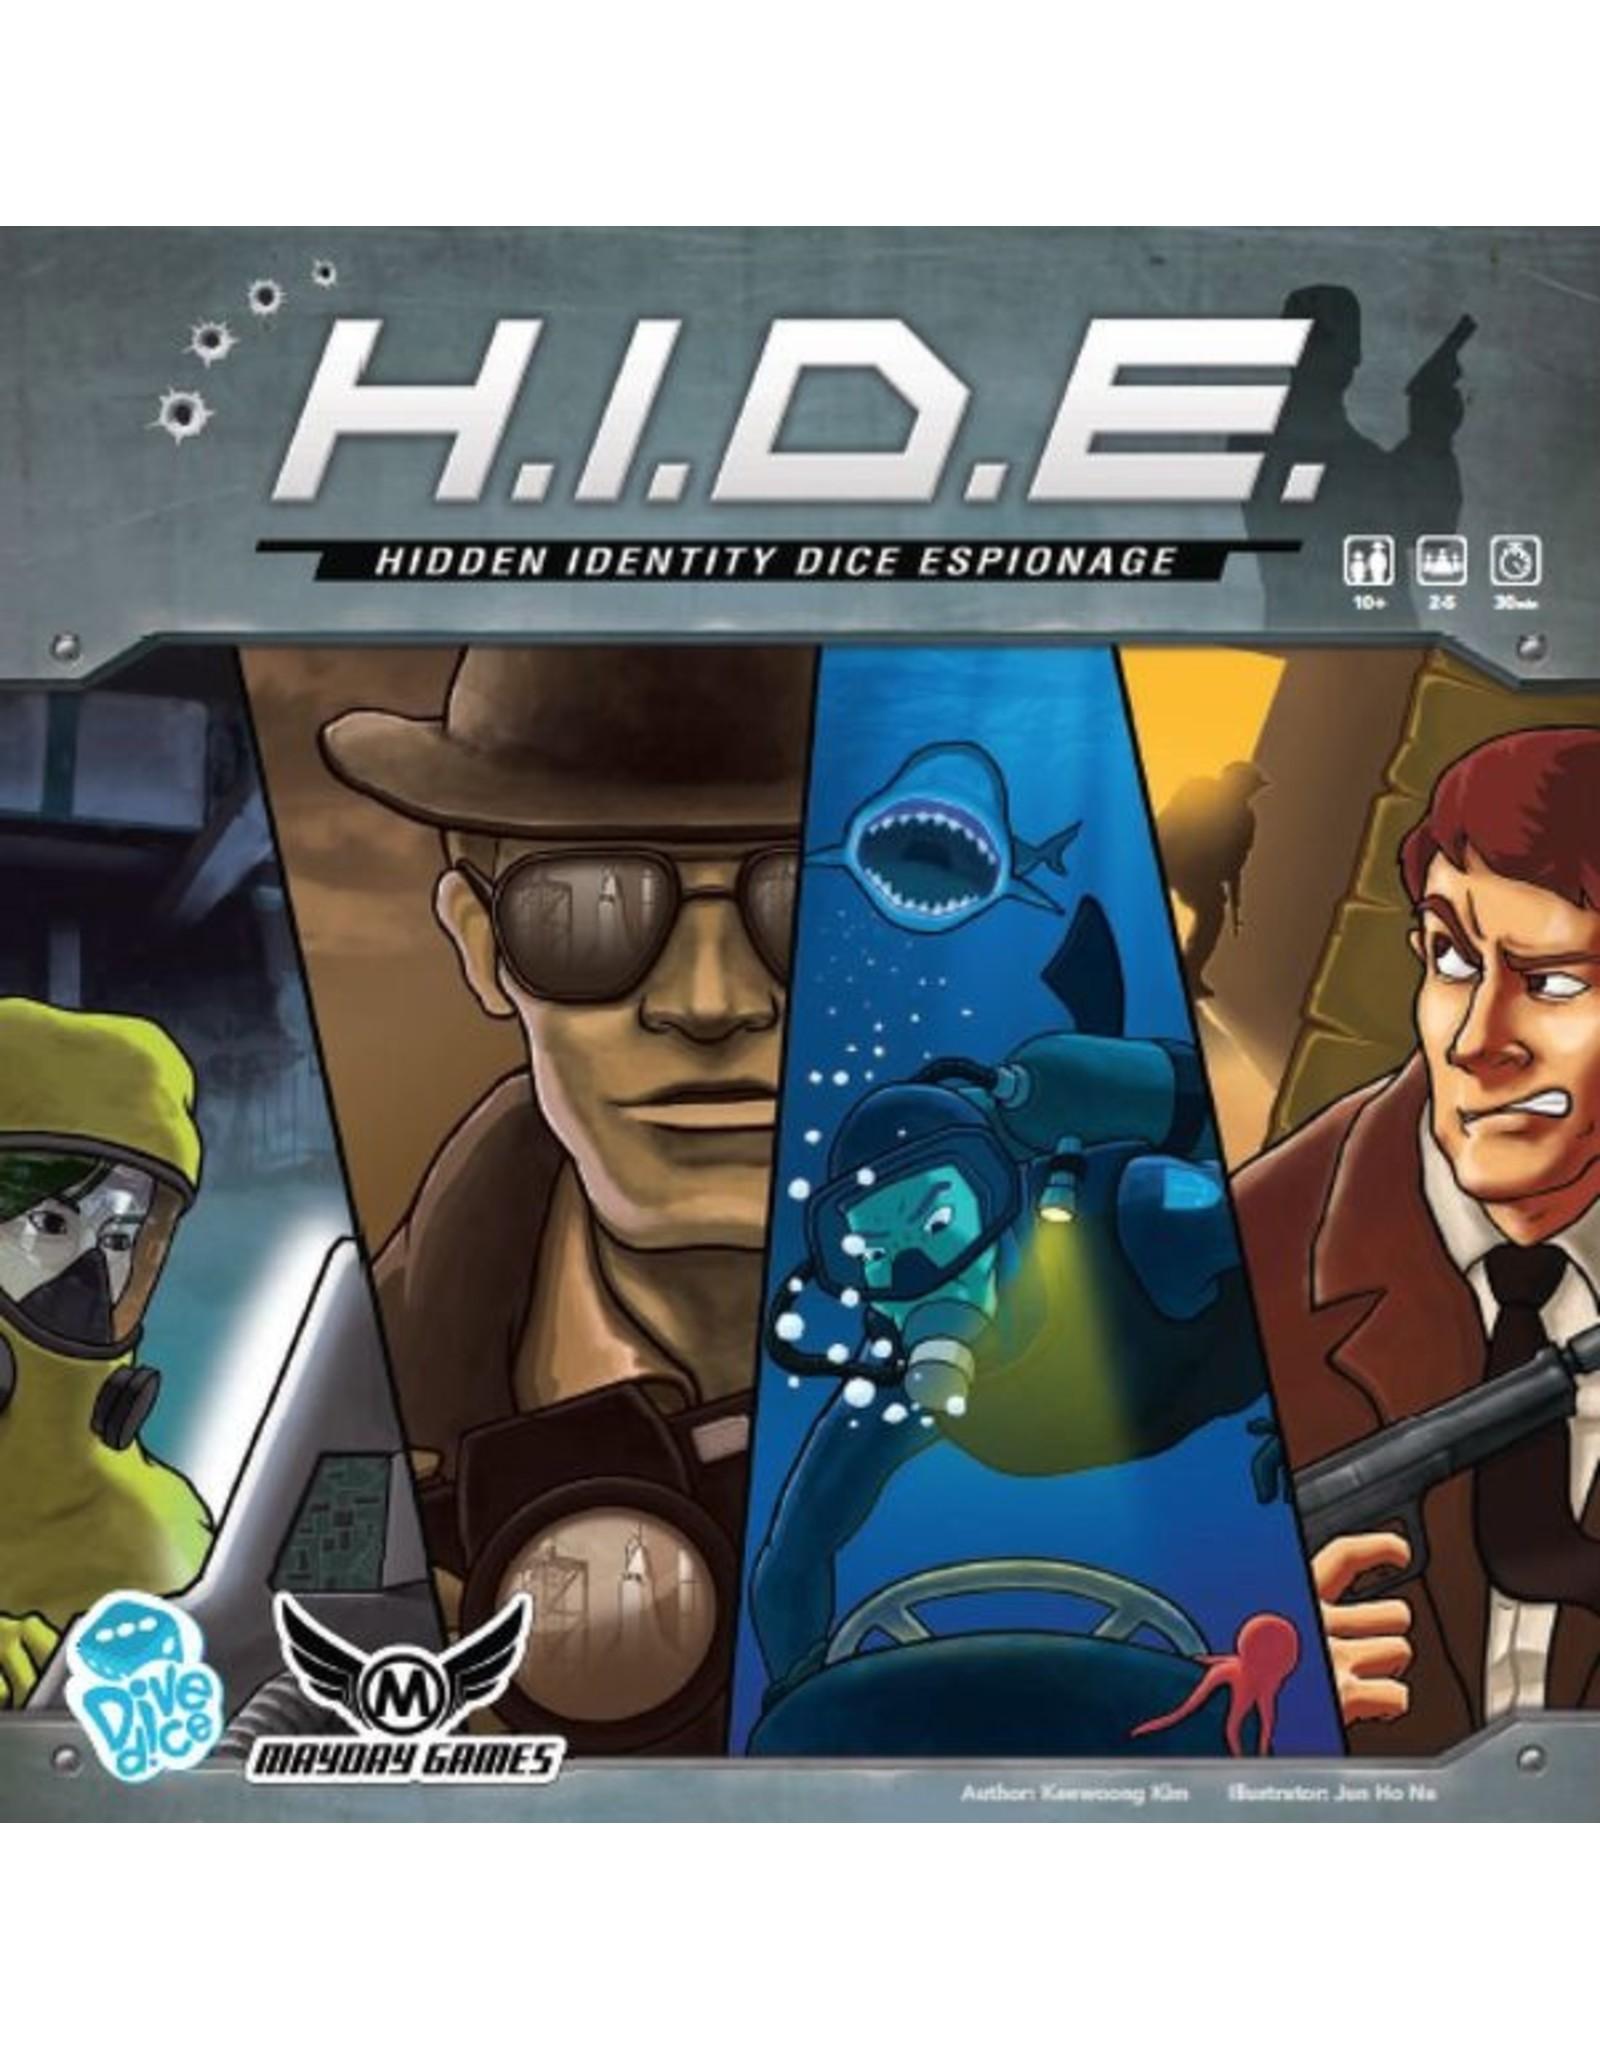 H.I.D.E.